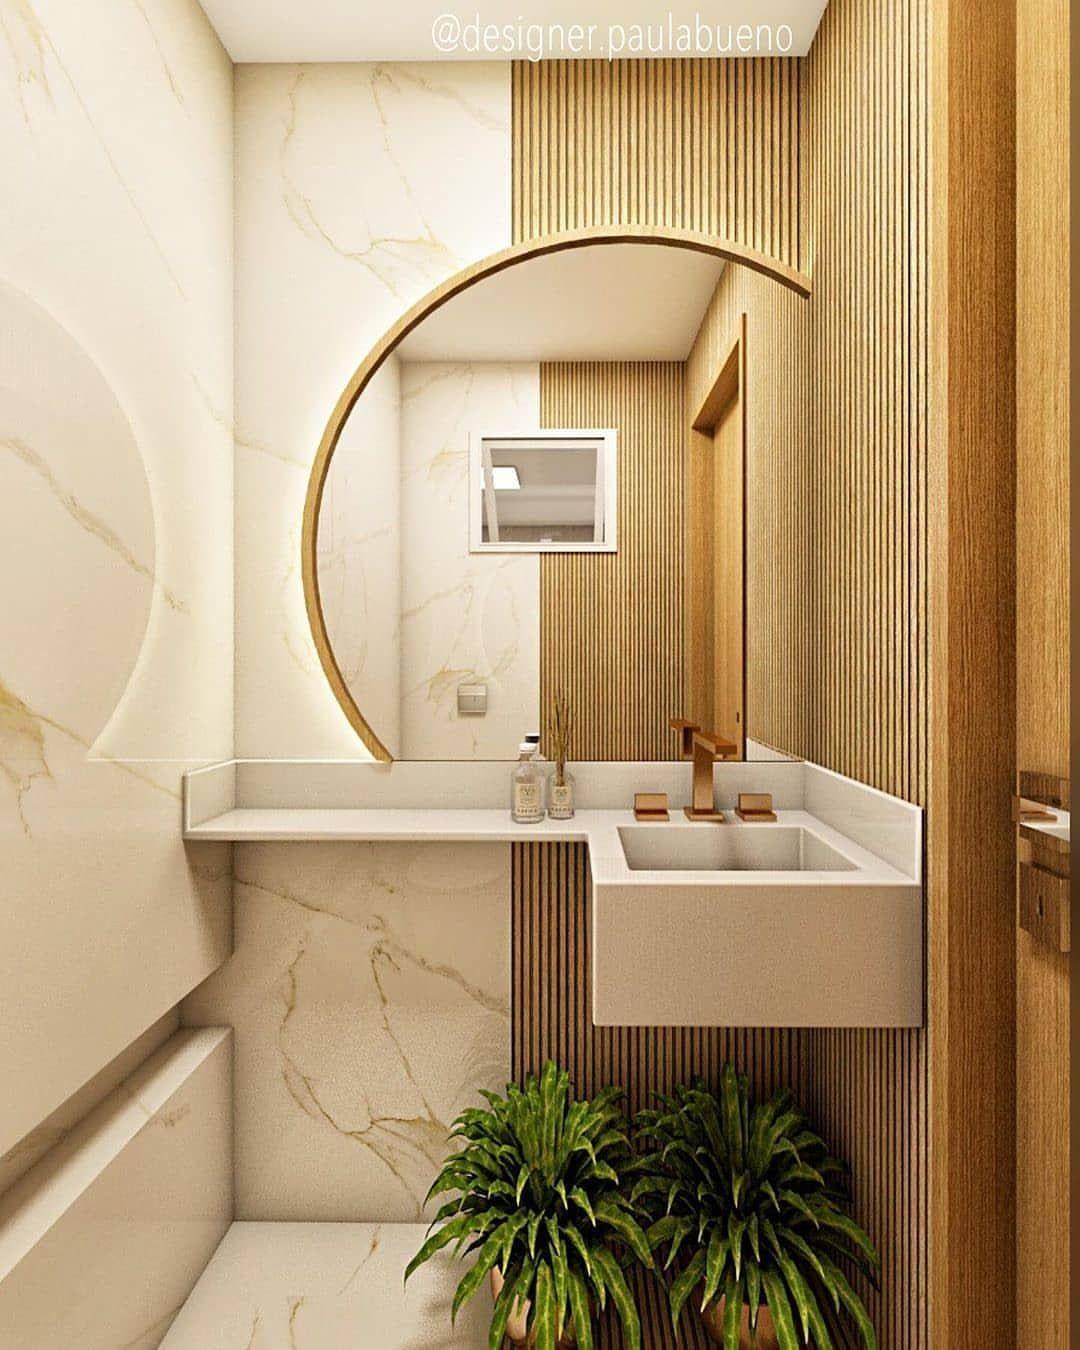 Salon De Bain Moderne pin de myriam guessous em salle de bains em 2020 | lavabo